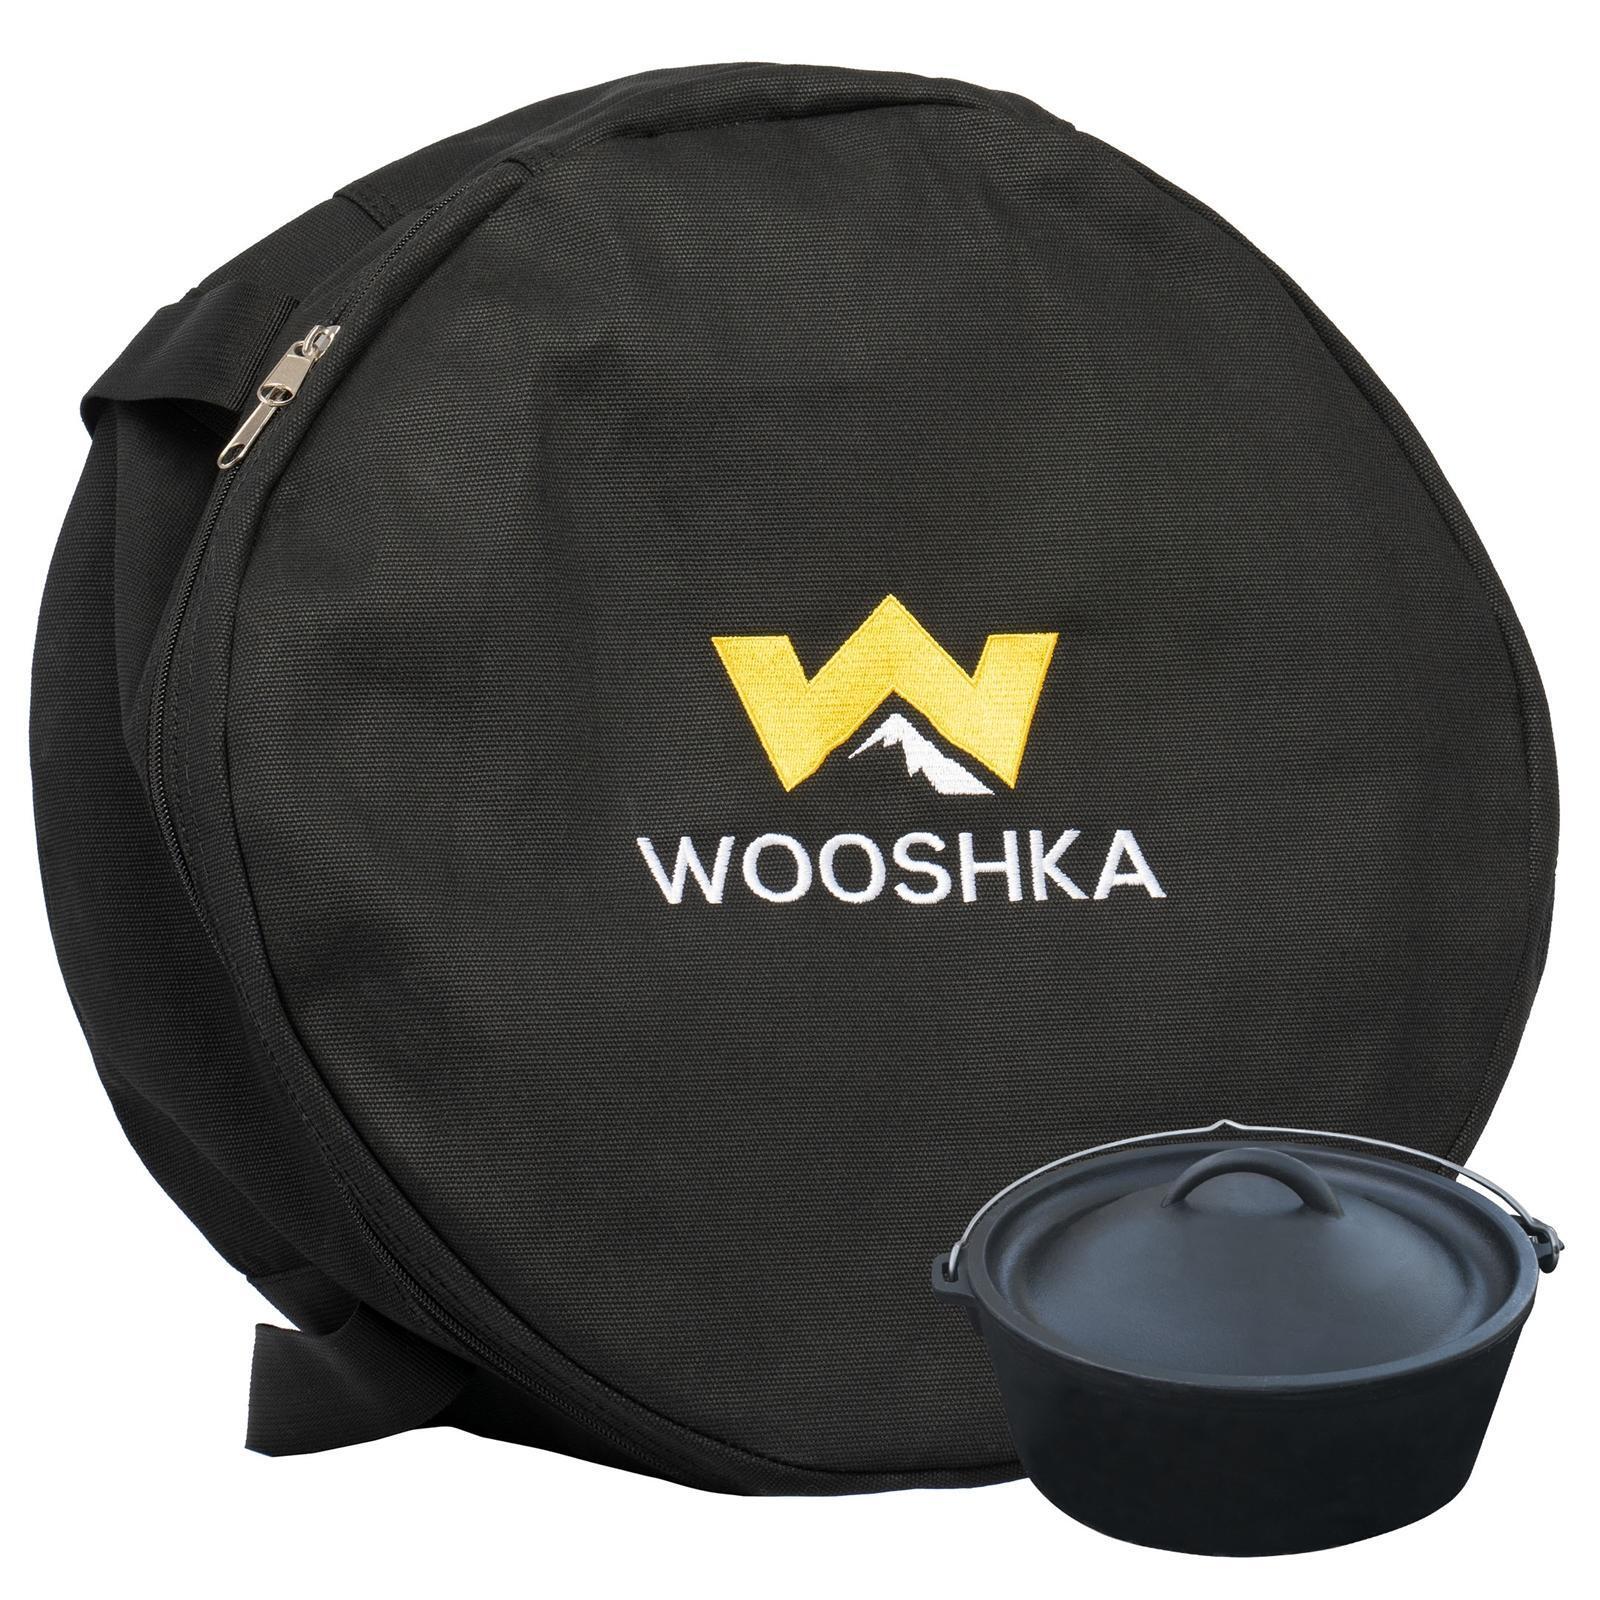 Wooshka Dutch Oven Bag